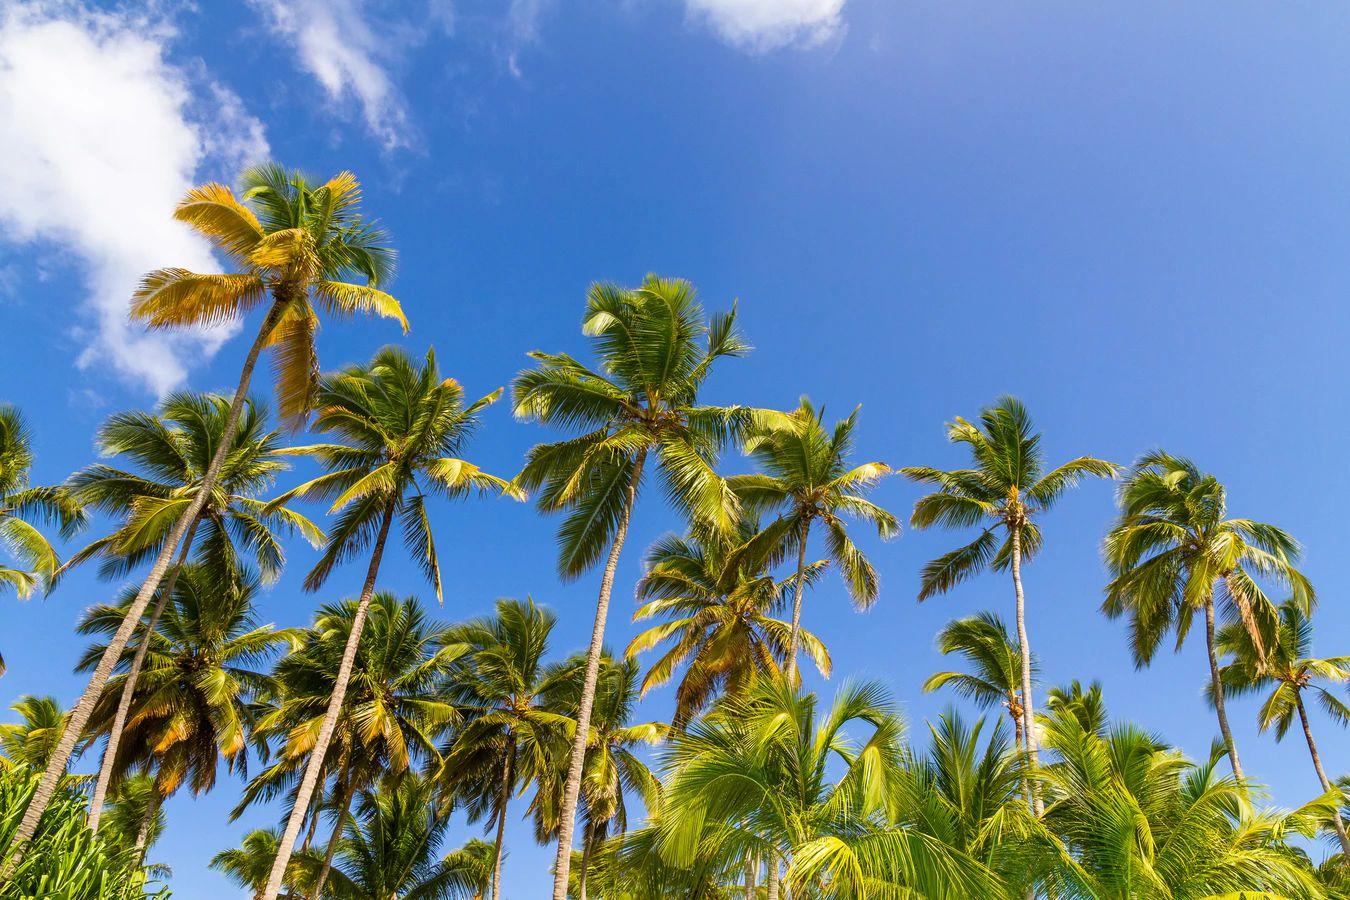 リゾートガーデンを作るなら?おすすめ樹木5選をご紹介